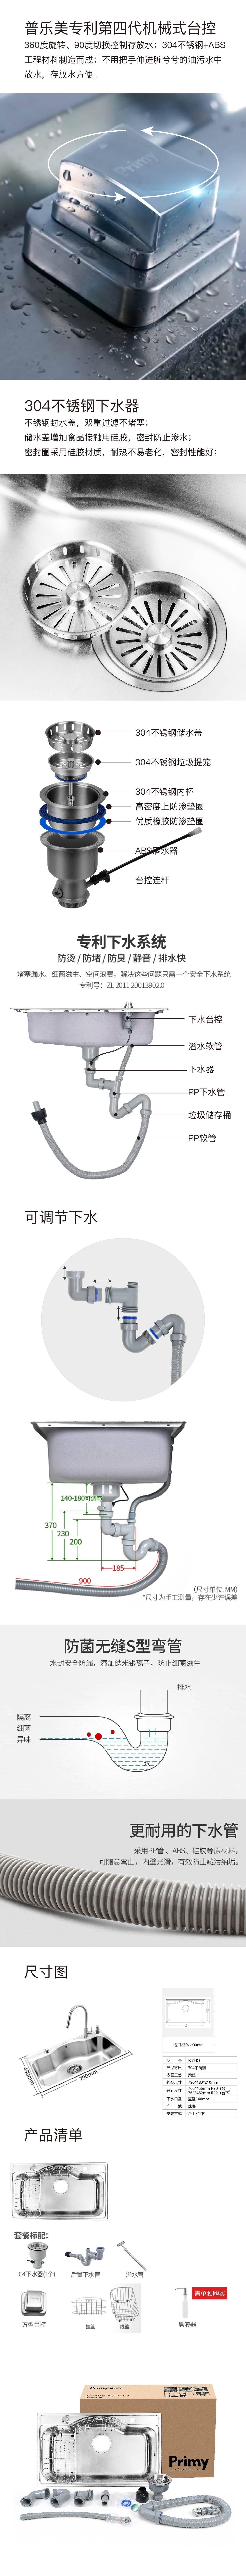 水槽k790-07